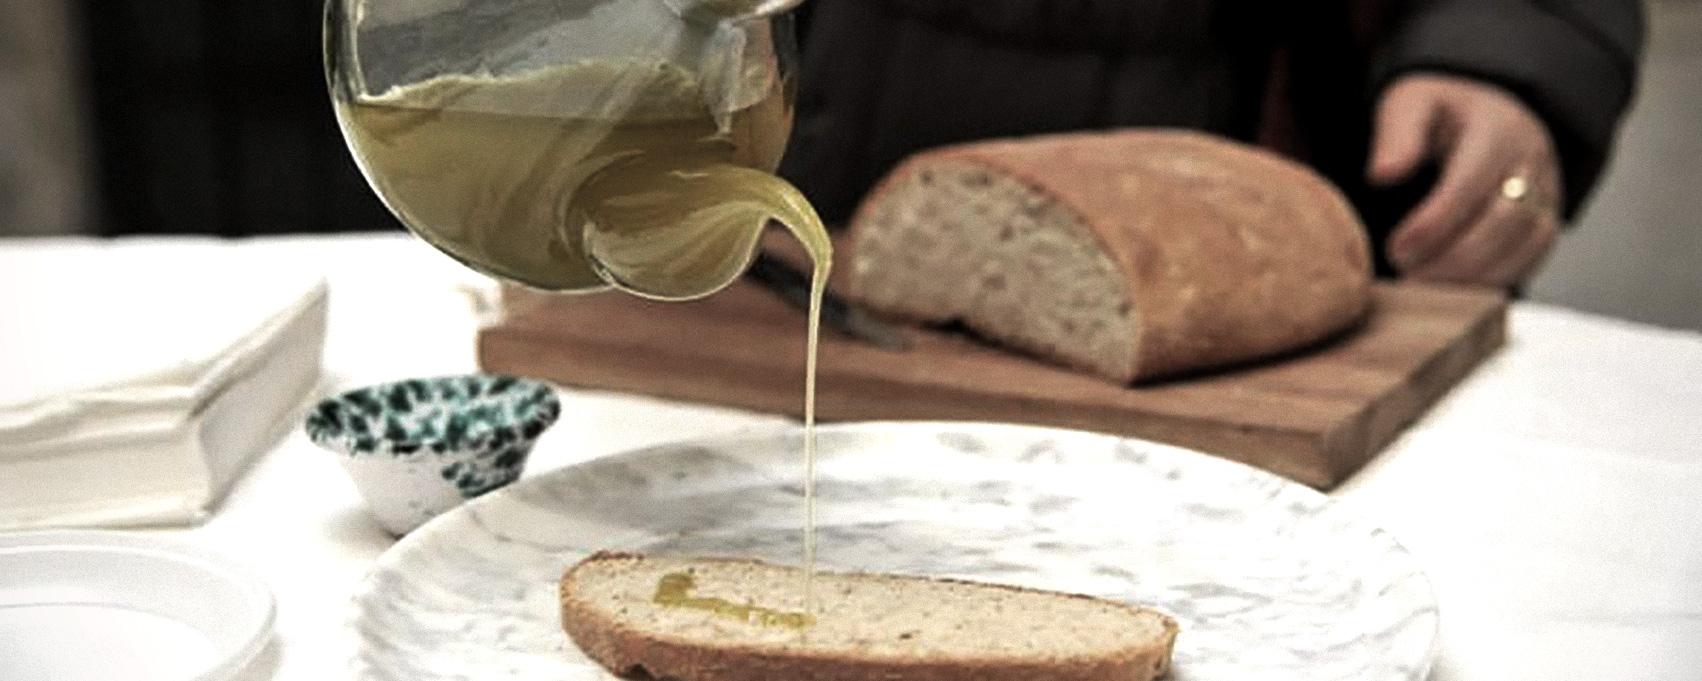 degustazione di olio d'oliva in cantina a Camaiore, Toscana